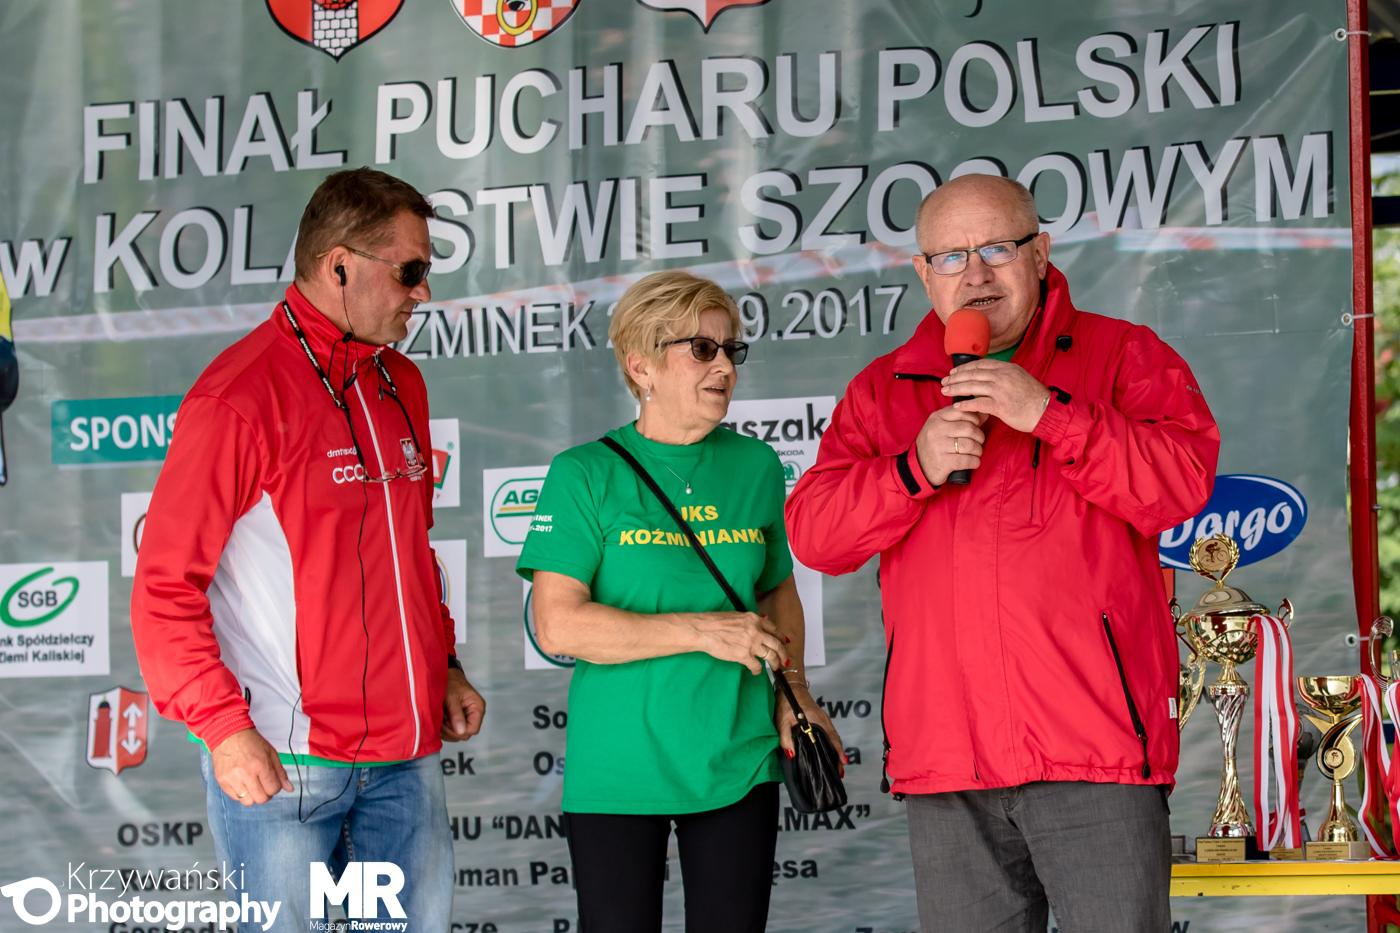 http://magazynrowerowy.pl/logmein/wp-content/uploads/2017/09/PP-Kozminek-2017_ITT_0867.jpg